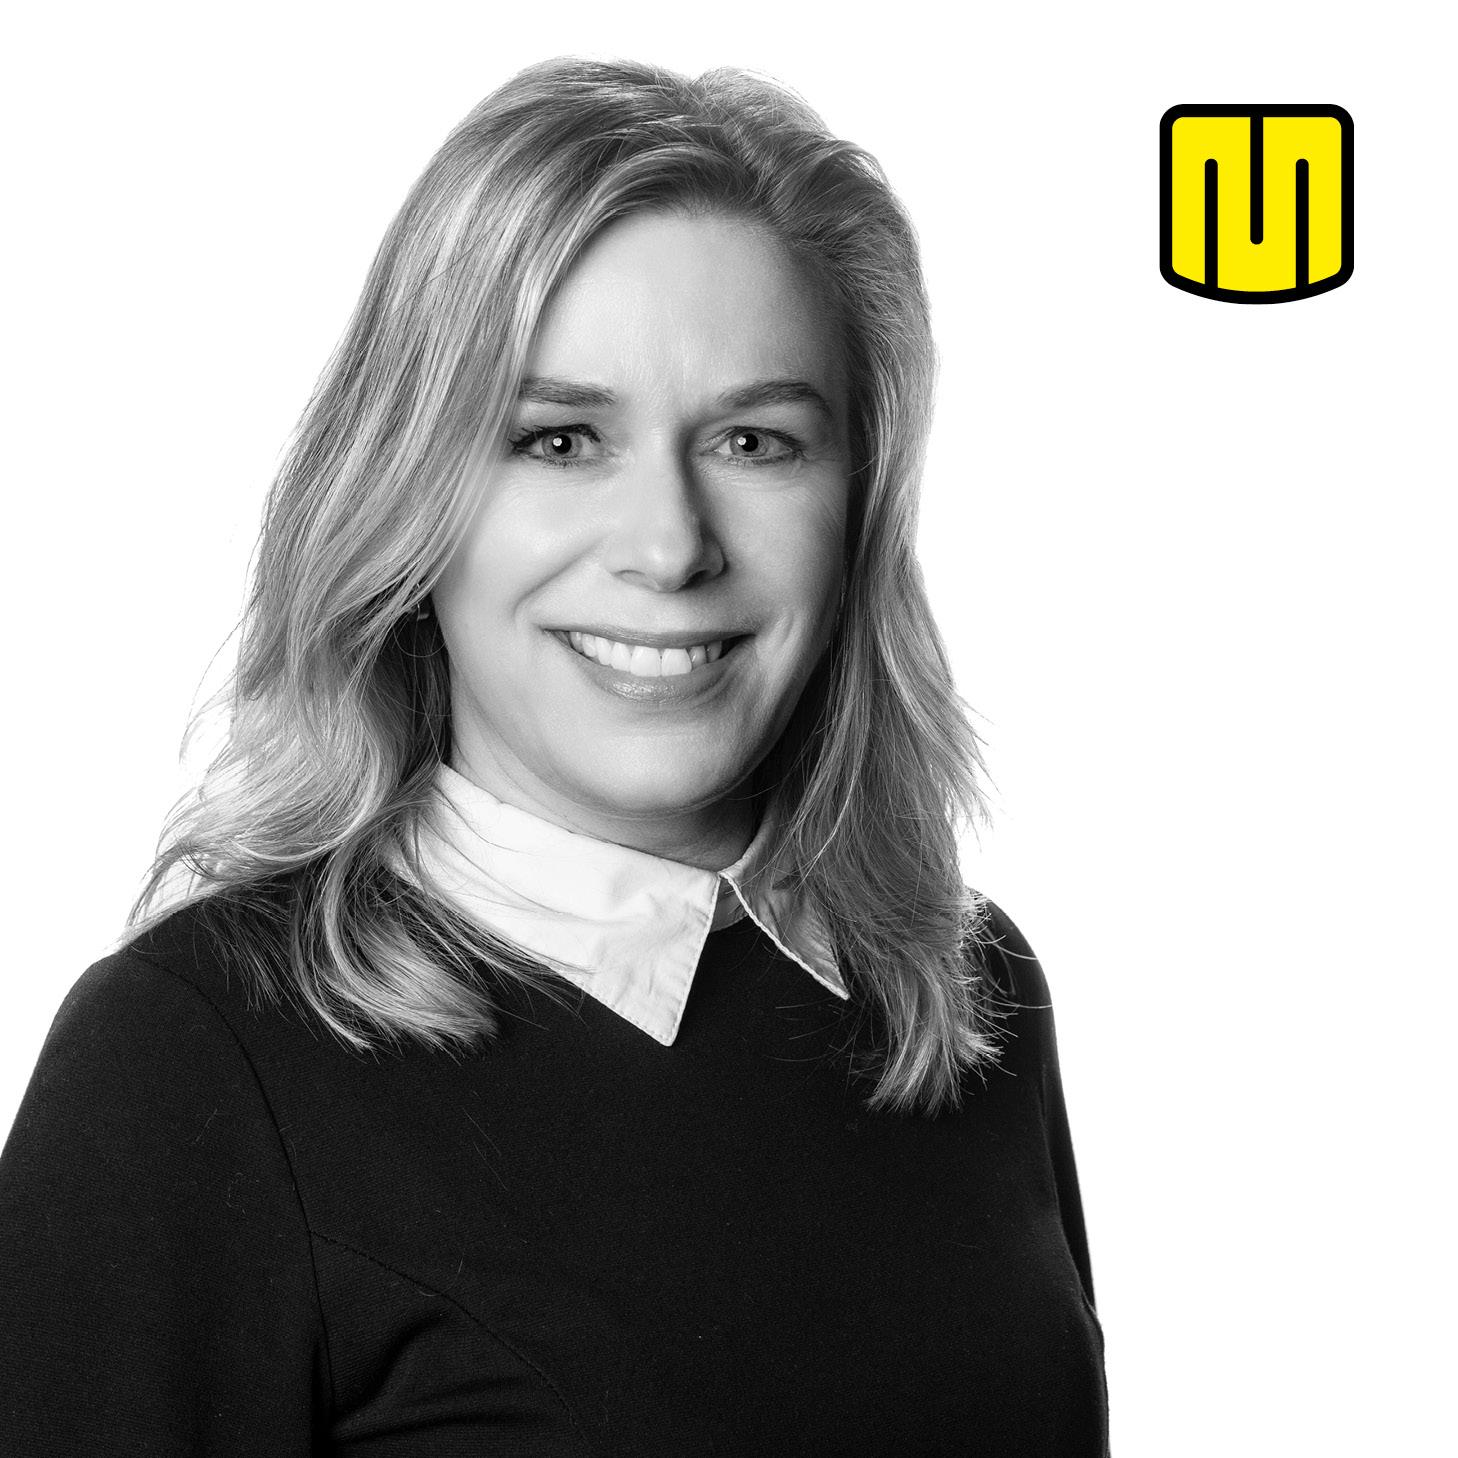 Annemarie Broekhuis